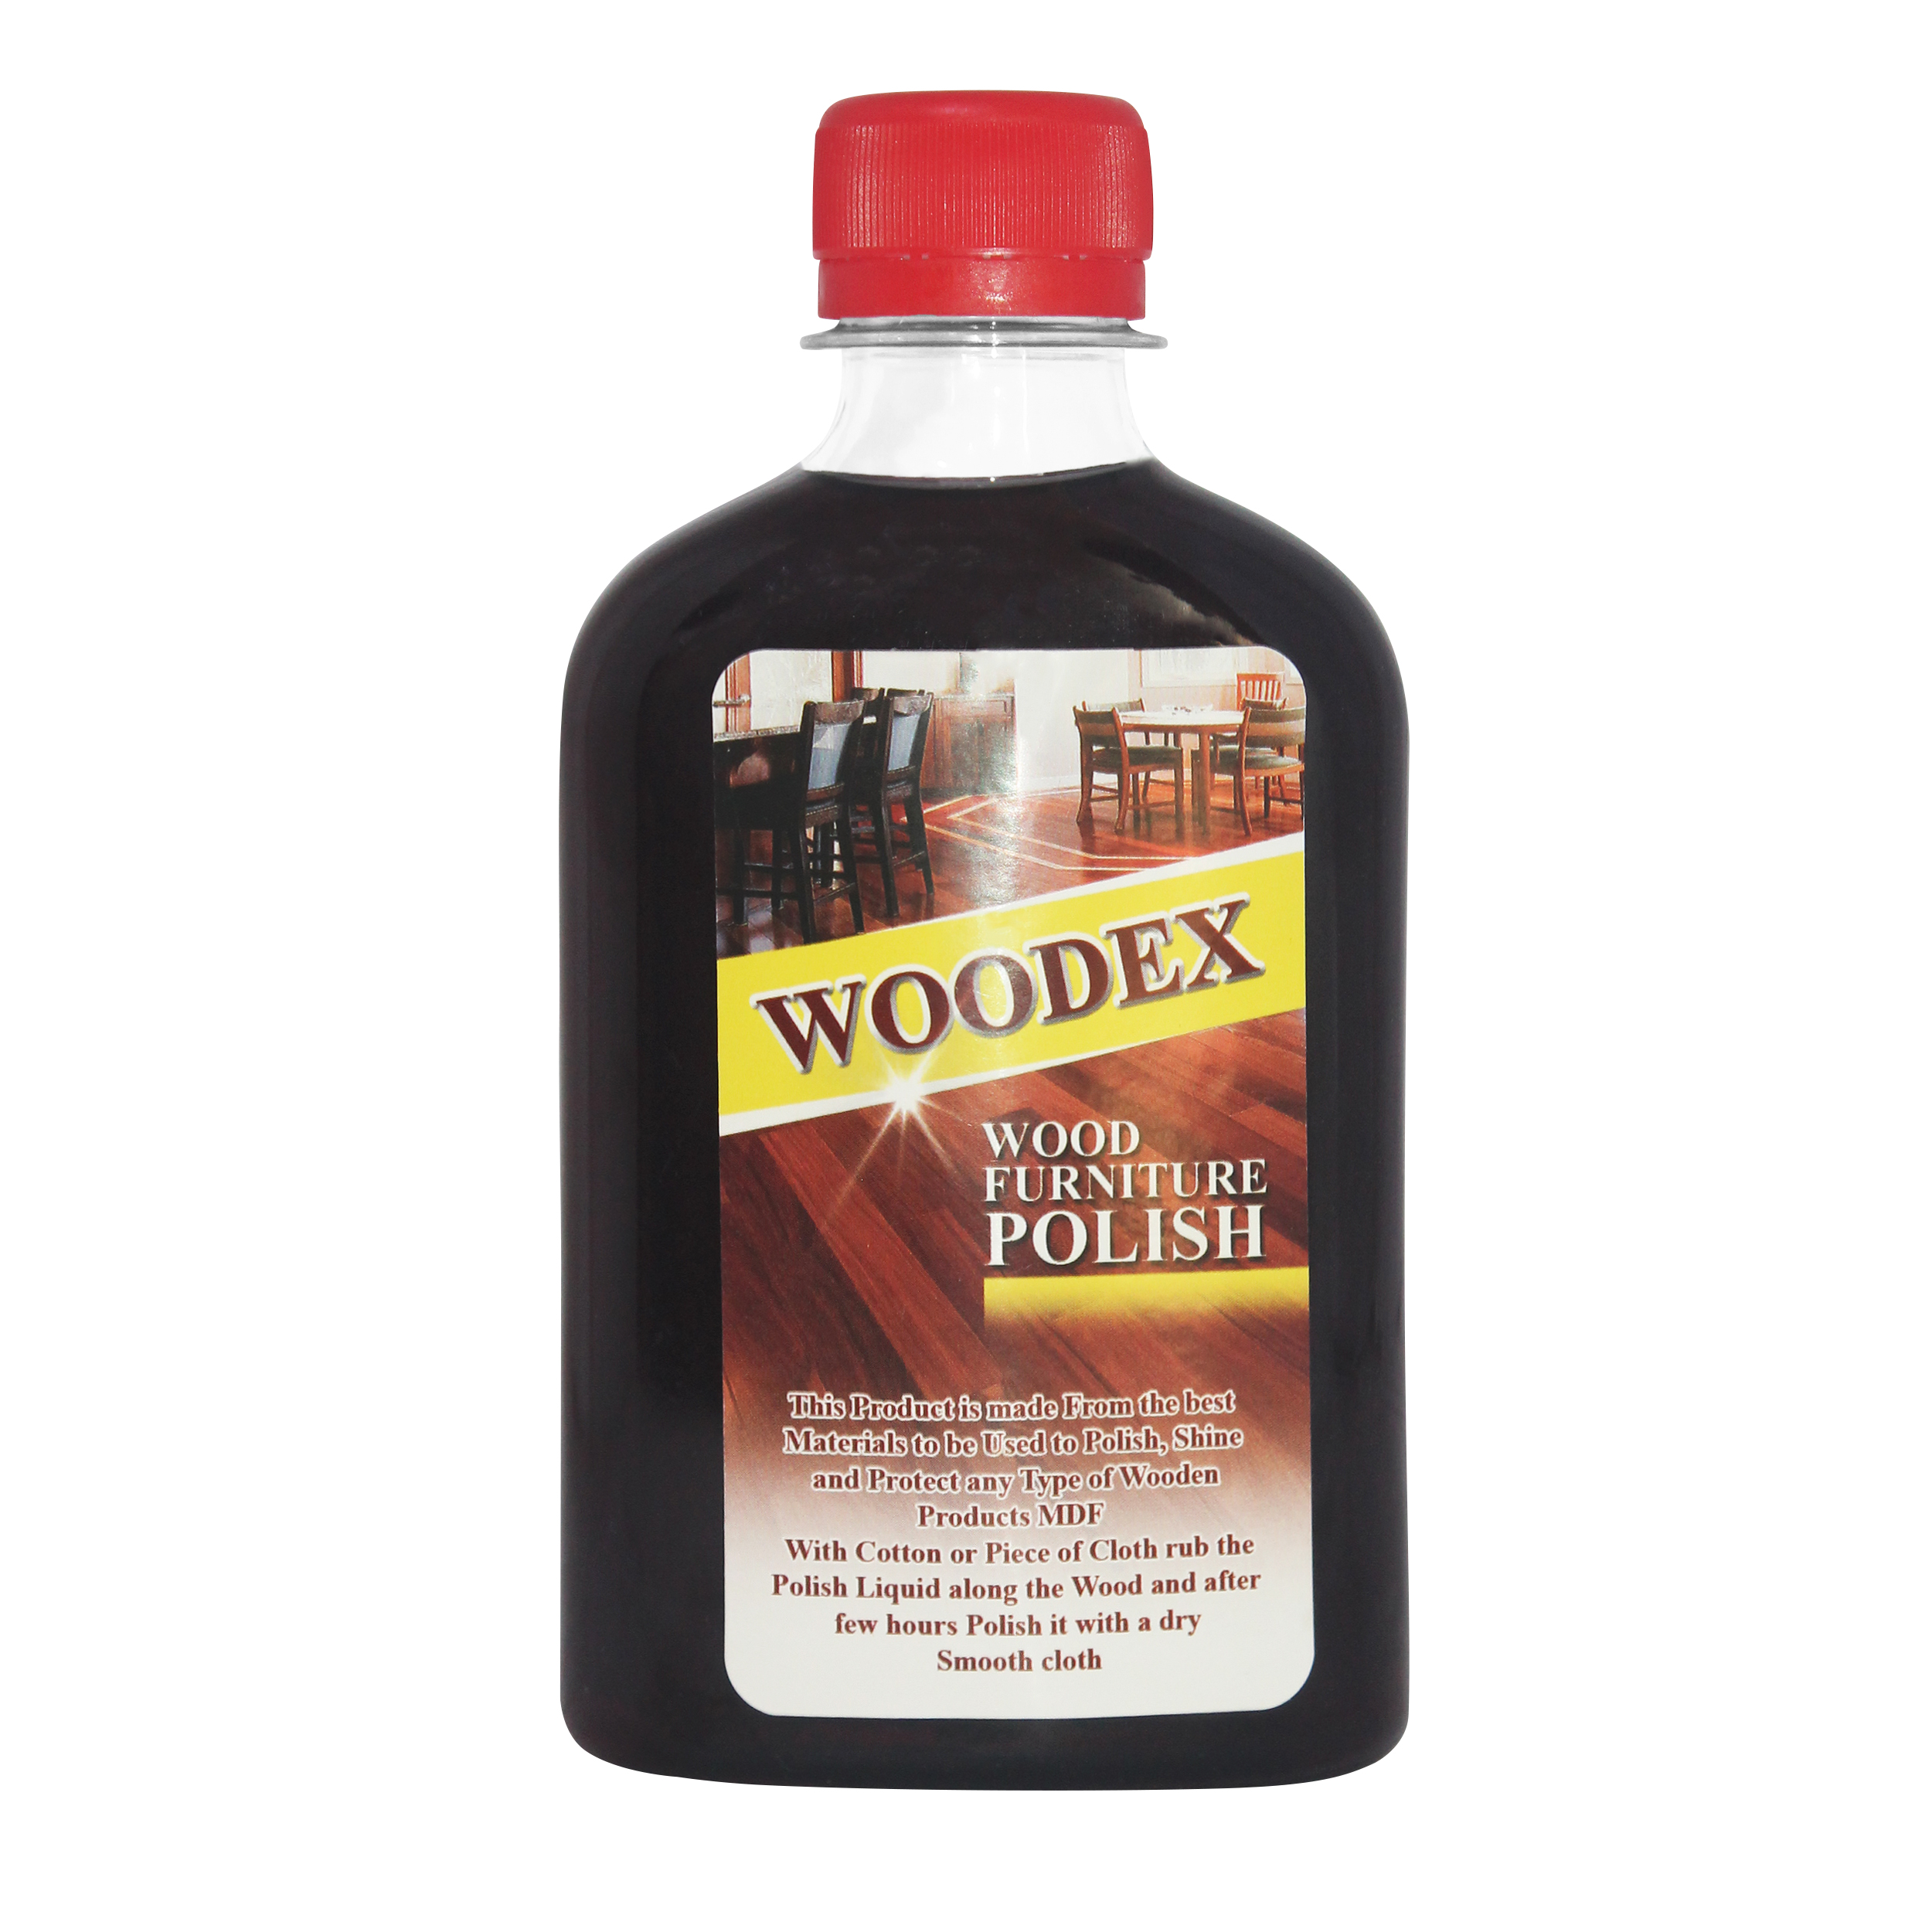 واکس براق کننده چوب وودکس مدل F حجم 250 میلی لیتر بسته 25 عددی              ( قیمت عمده )